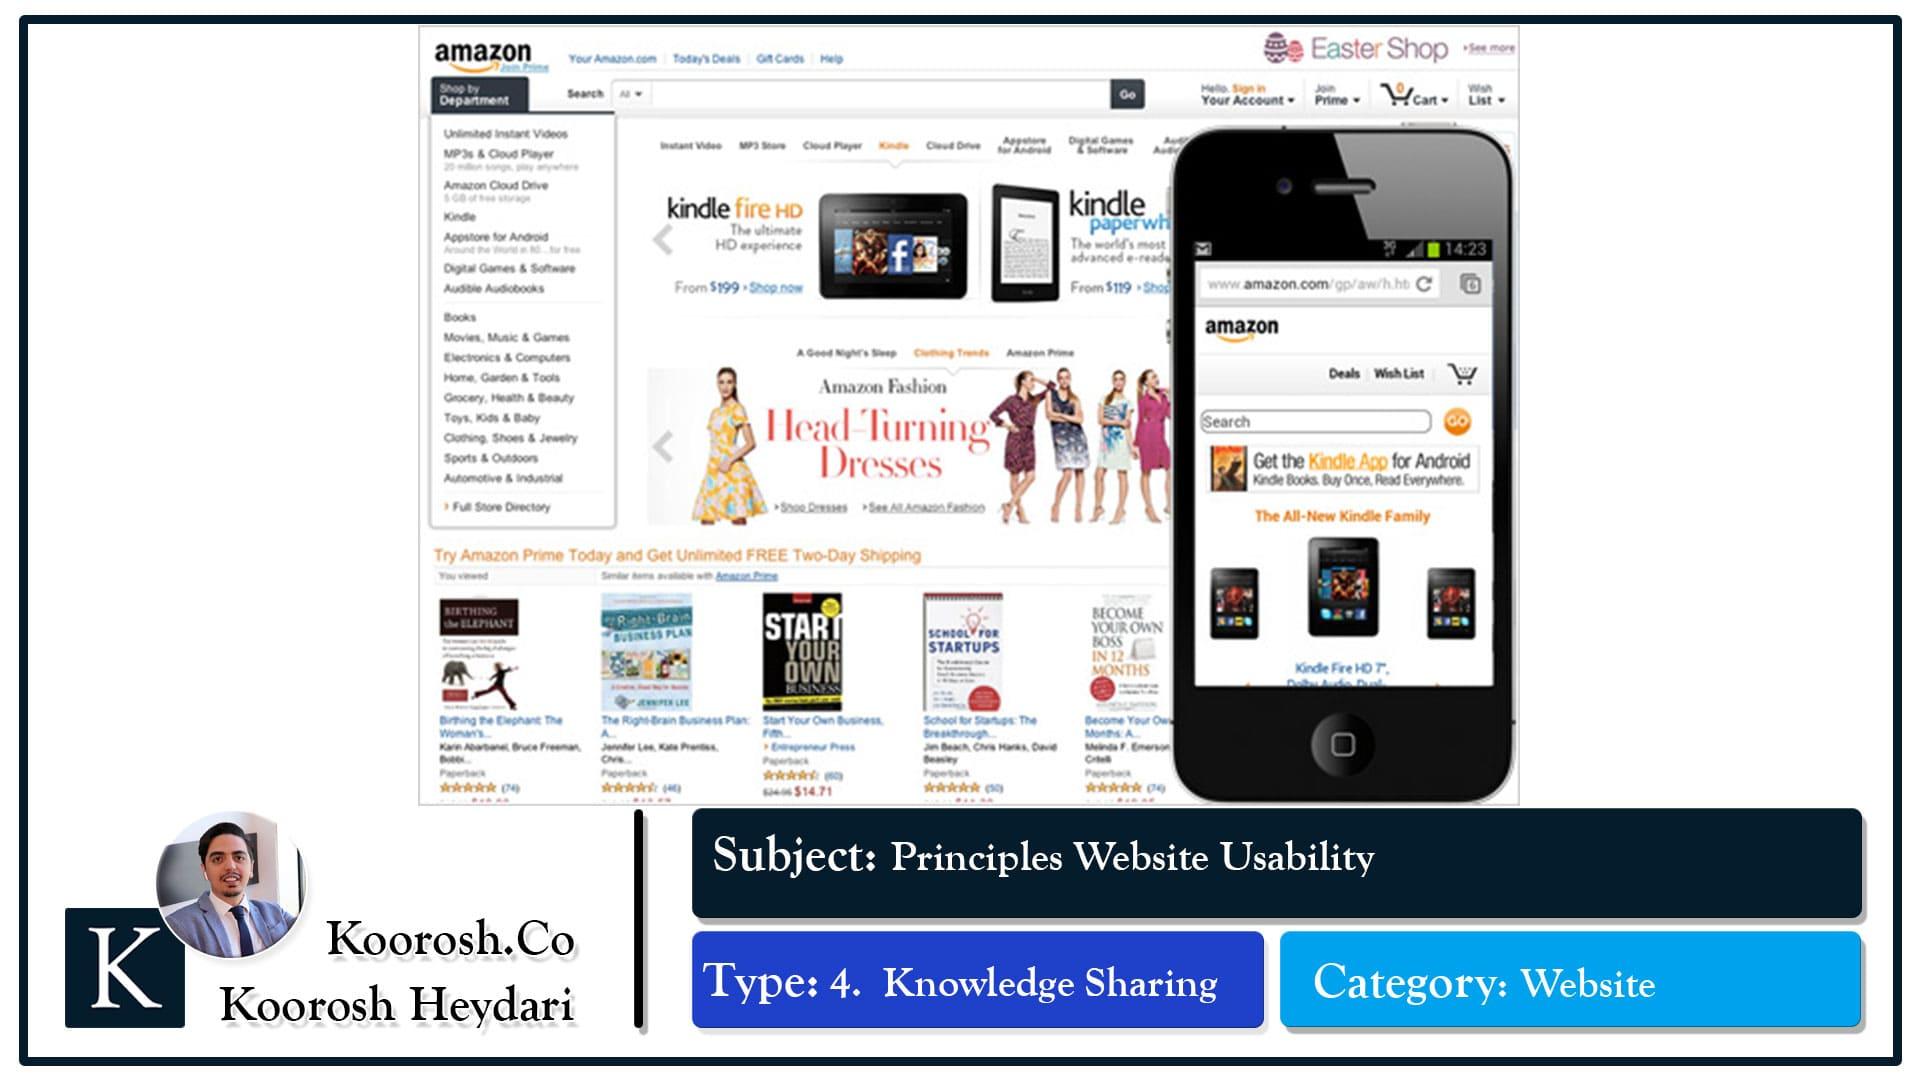 بررسی کارایی طراحی وبسایت آمازون